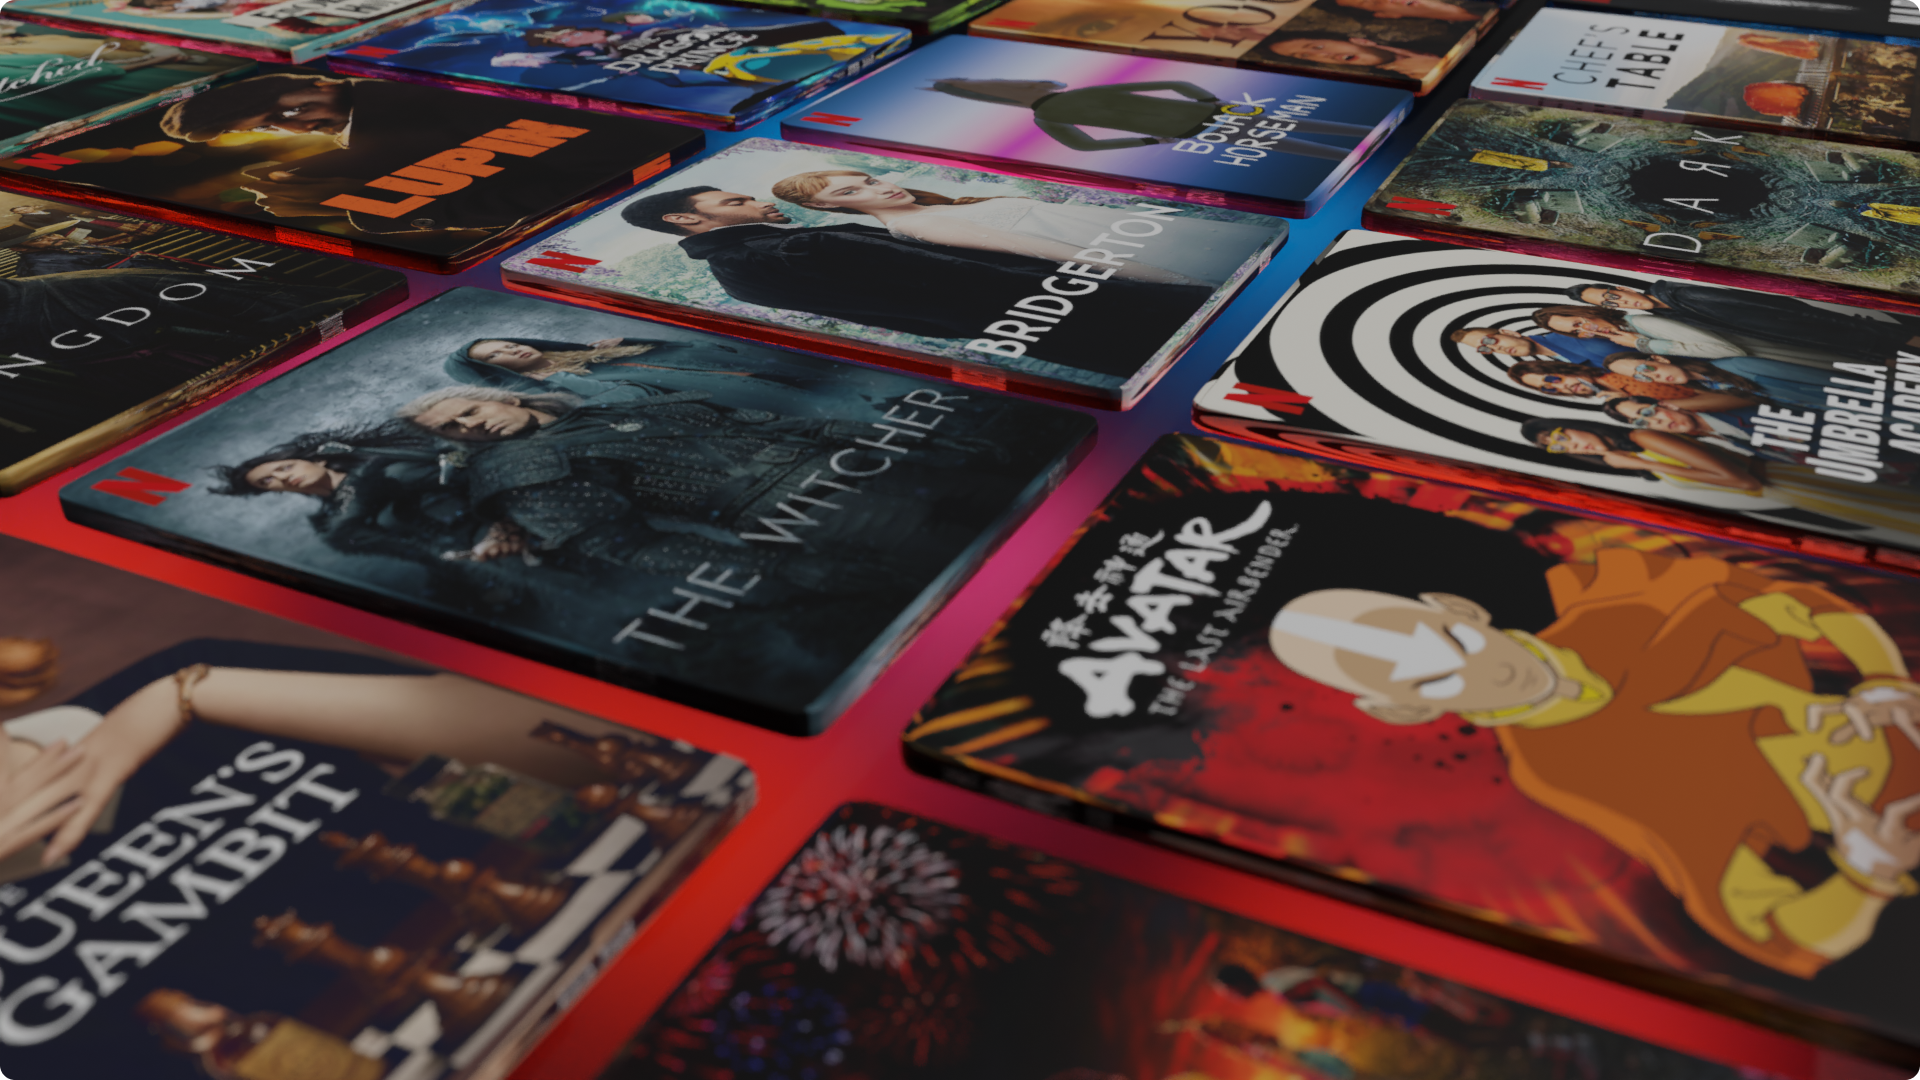 Reihen von schräg angeordneten Bildern verschiedener Serien und Filme, die auf Netflix gestreamt werden